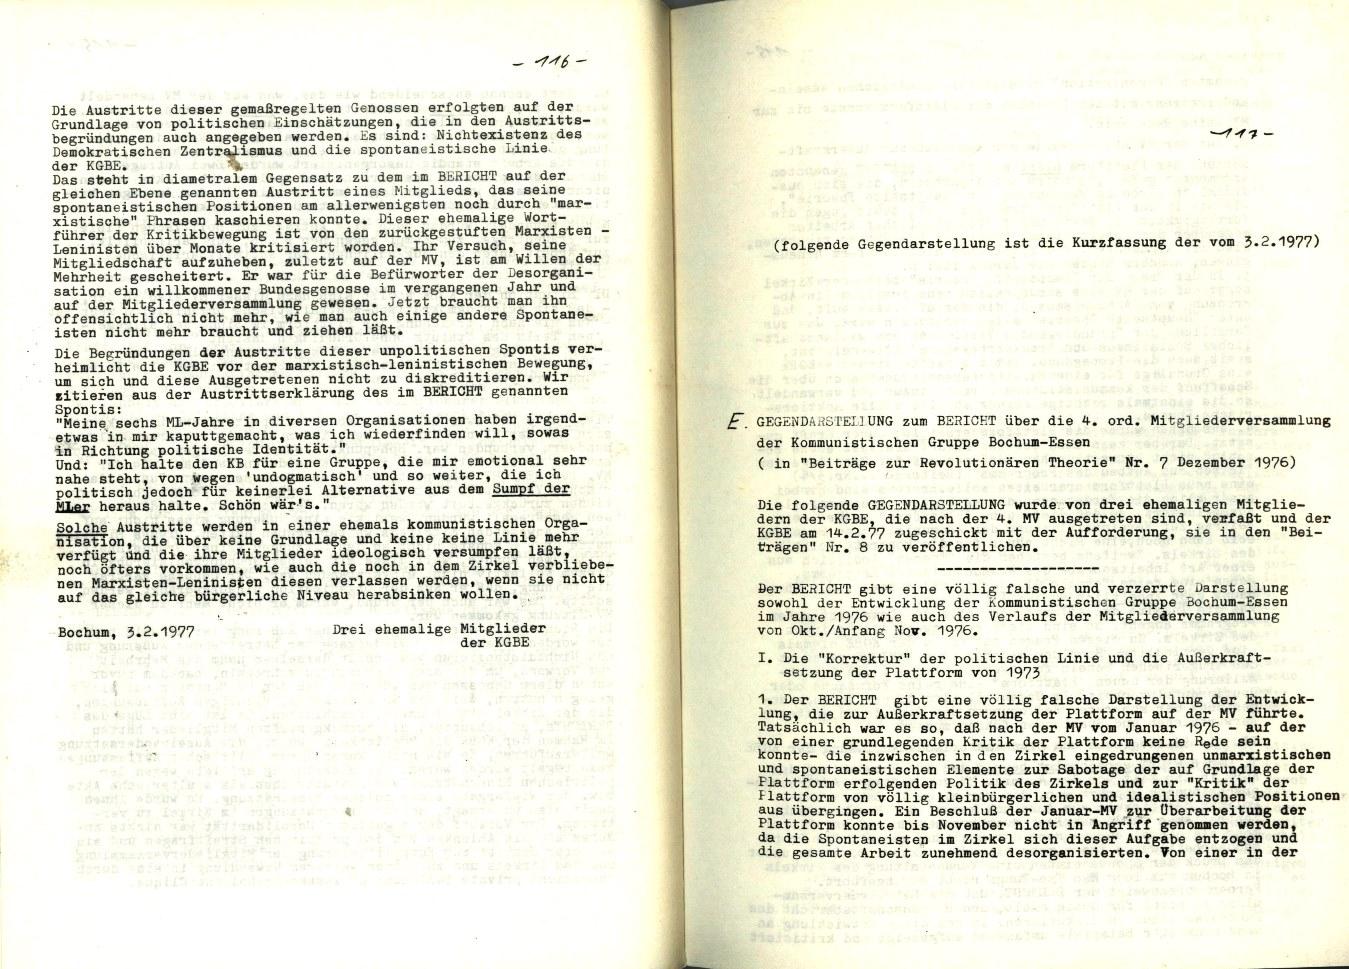 KGBE_Ehemalige_1977_Kritik_an_der_KGBE_62